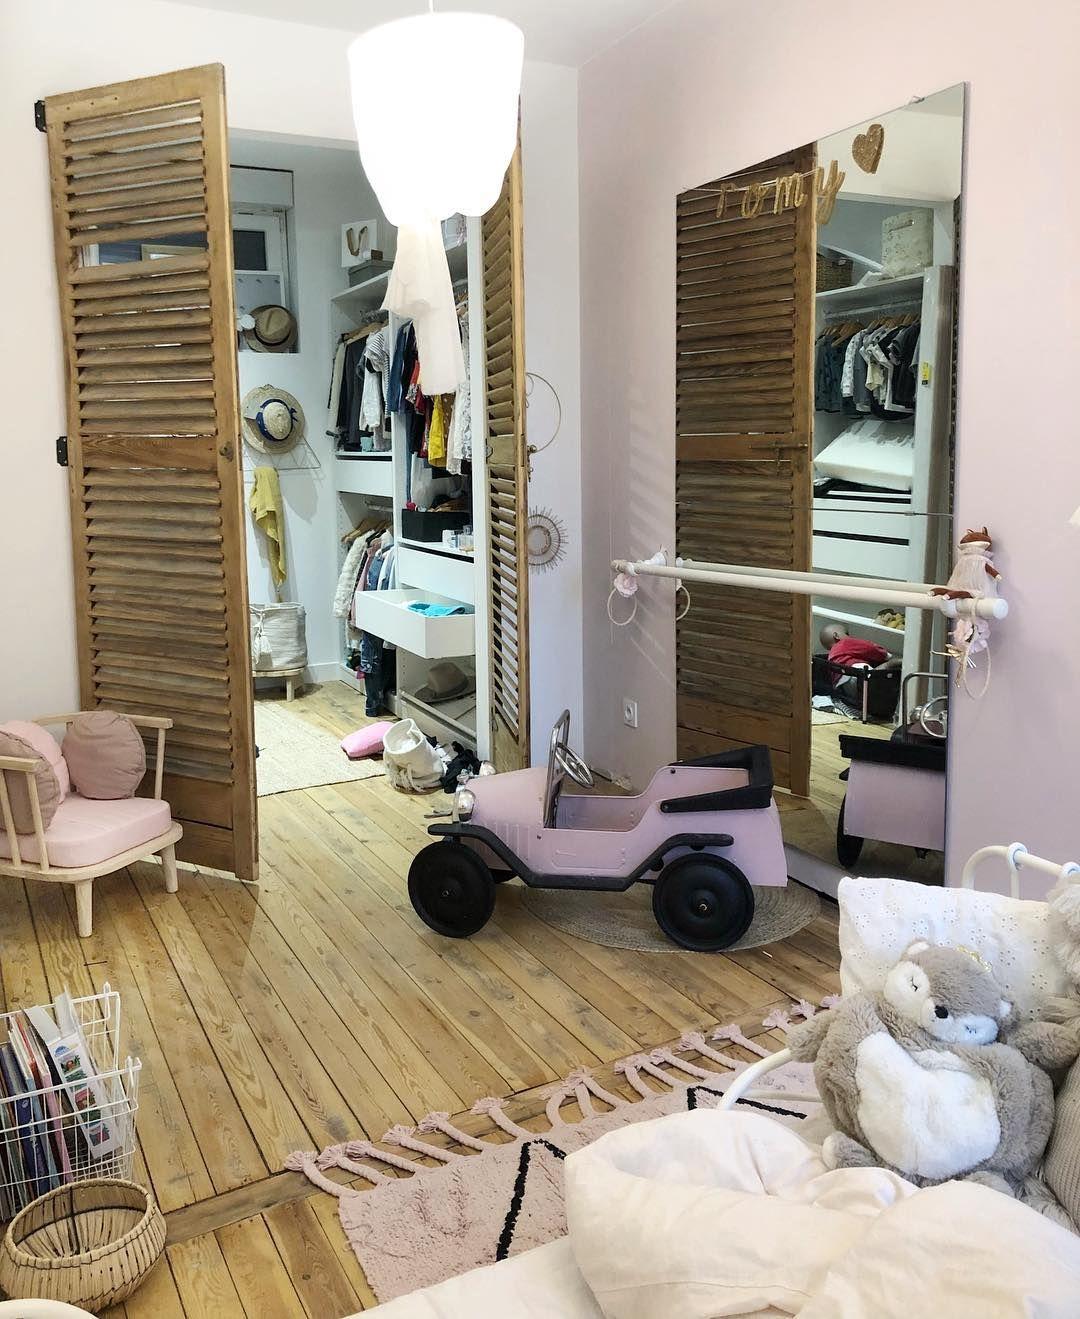 Jenny Gevaert On Instagram Reve De Petite Fille Romy Sroom Kids Room Room Dressing